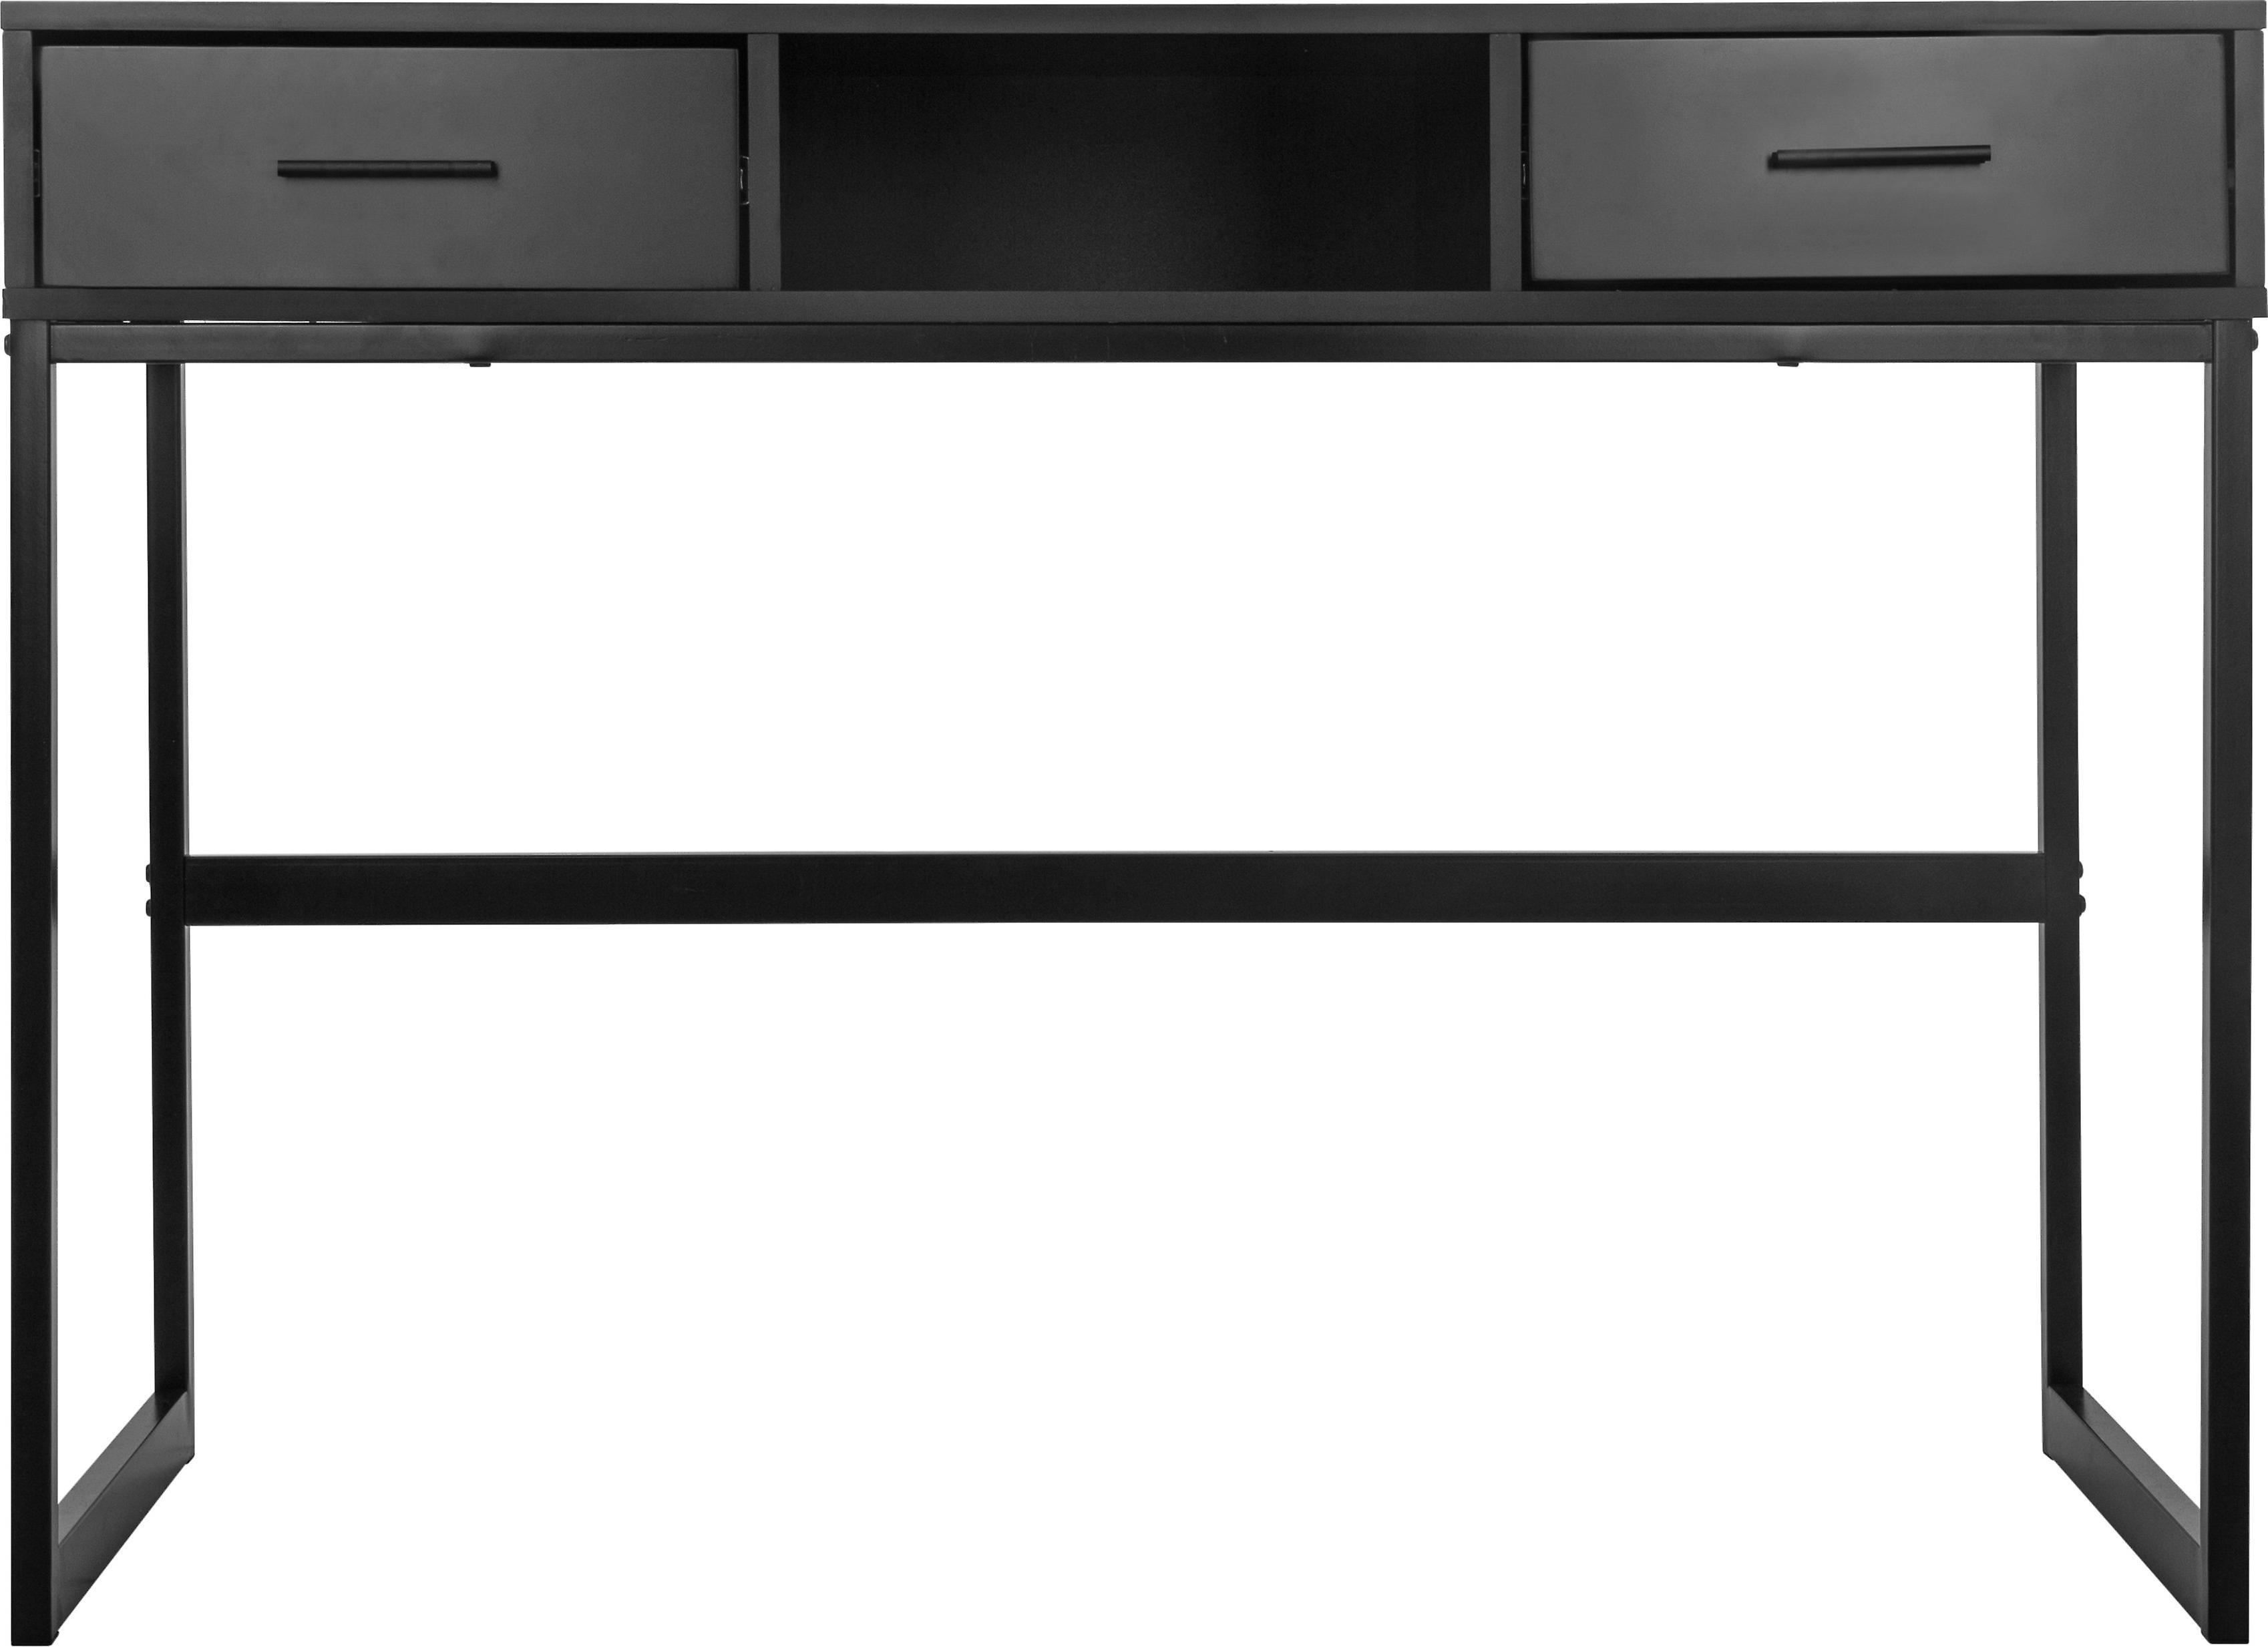 Bureau met 2 lades - mdf/ metaal - zwart